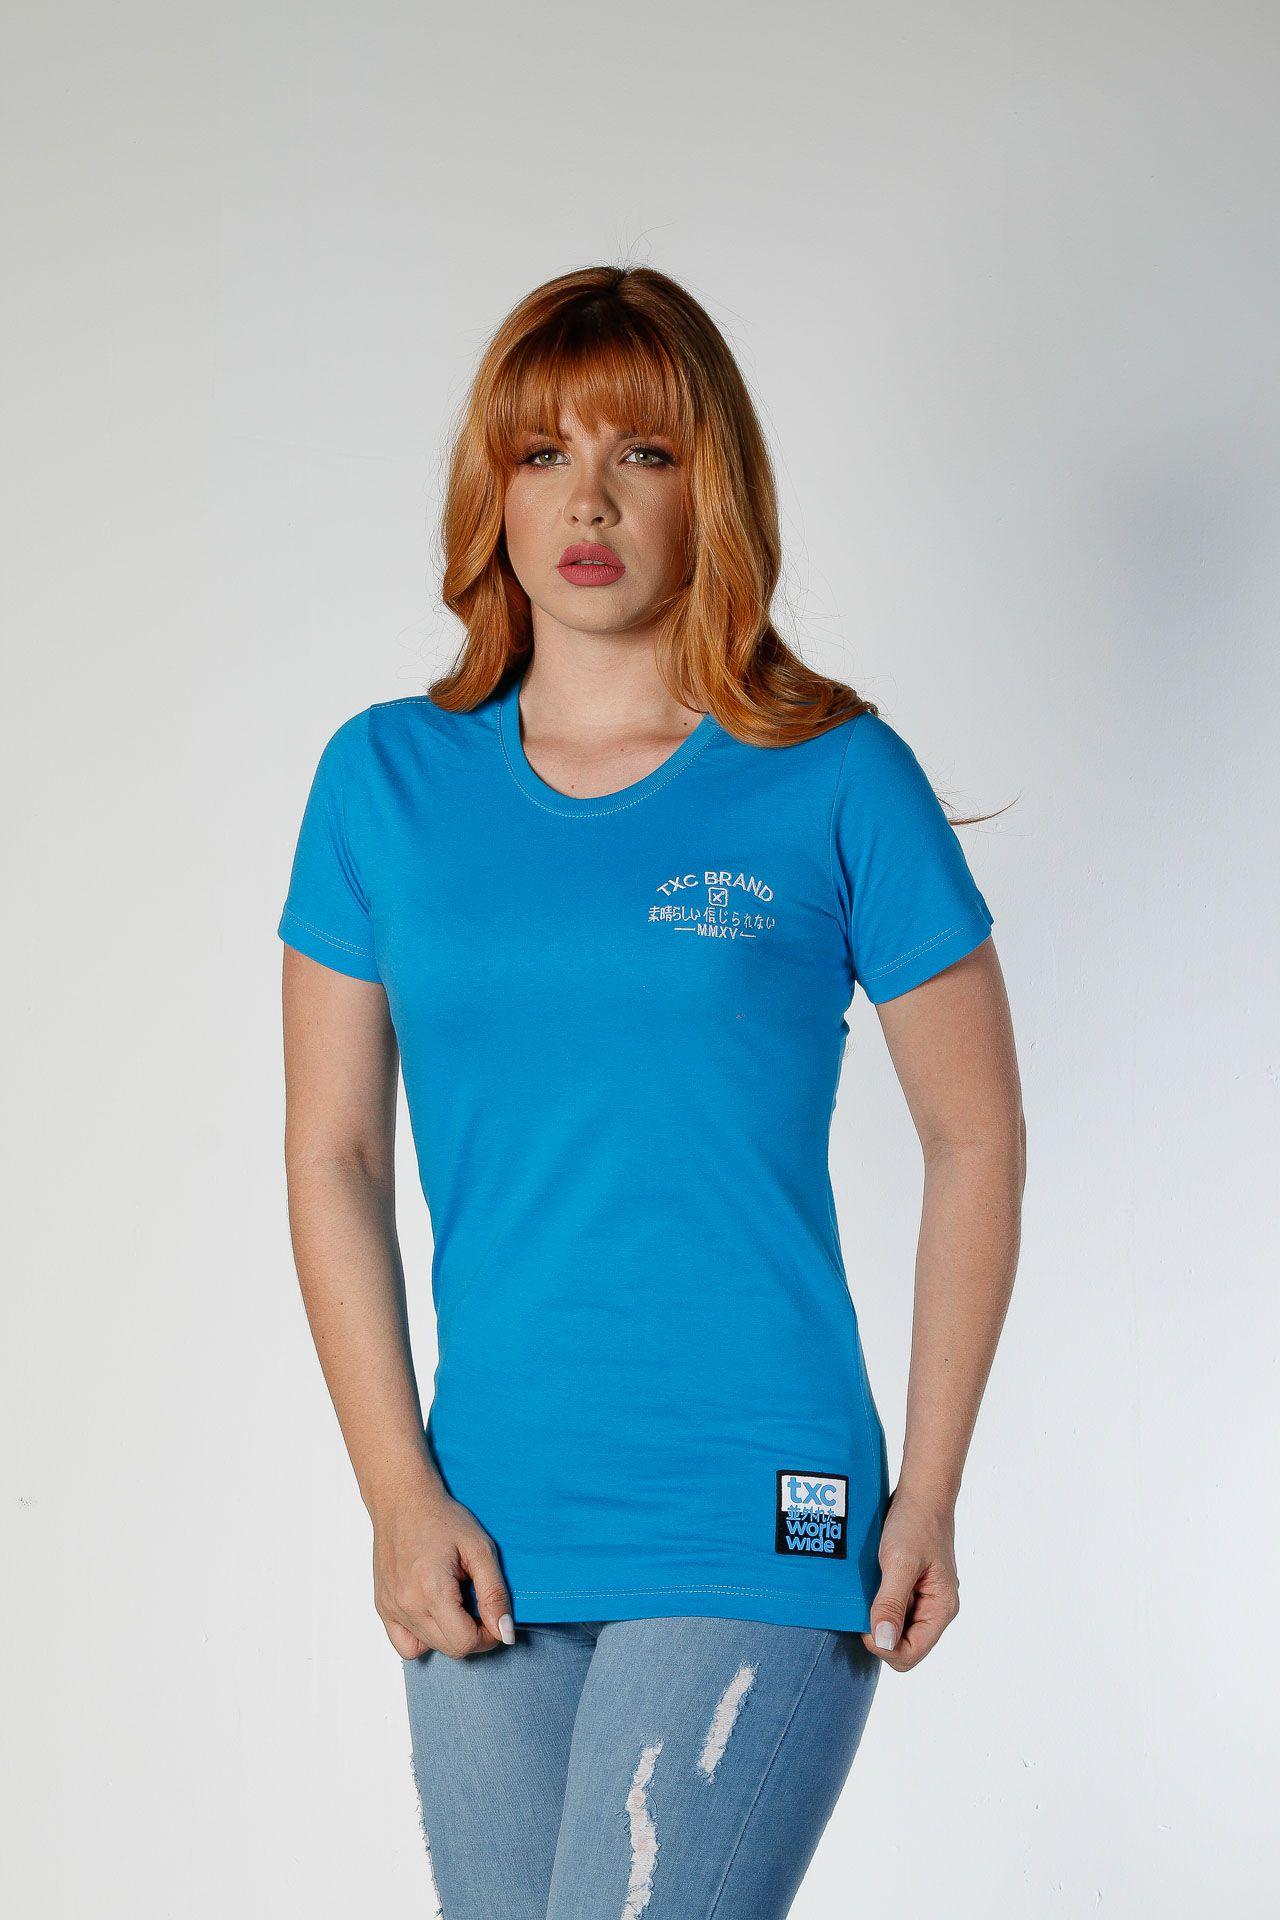 Camiseta Feminina TXC 4645